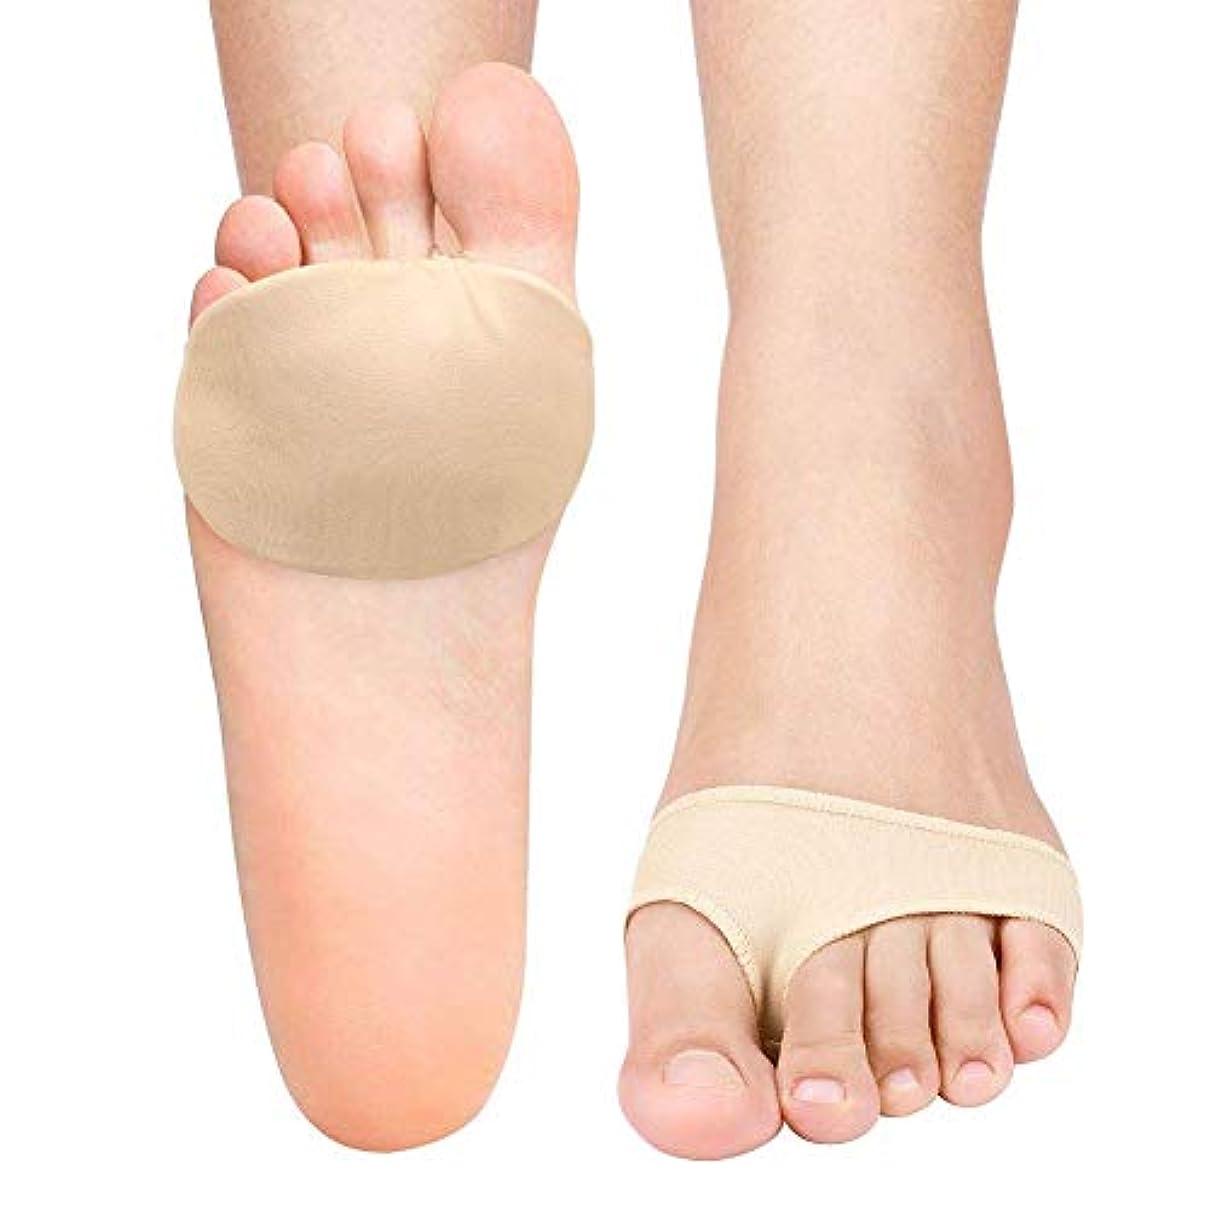 わずかにに対して蓋Yosoo 足裏 保護 サポーター 付け根 痛み和らげ シリコン 男女兼用 フリーサイズ (2個入り)